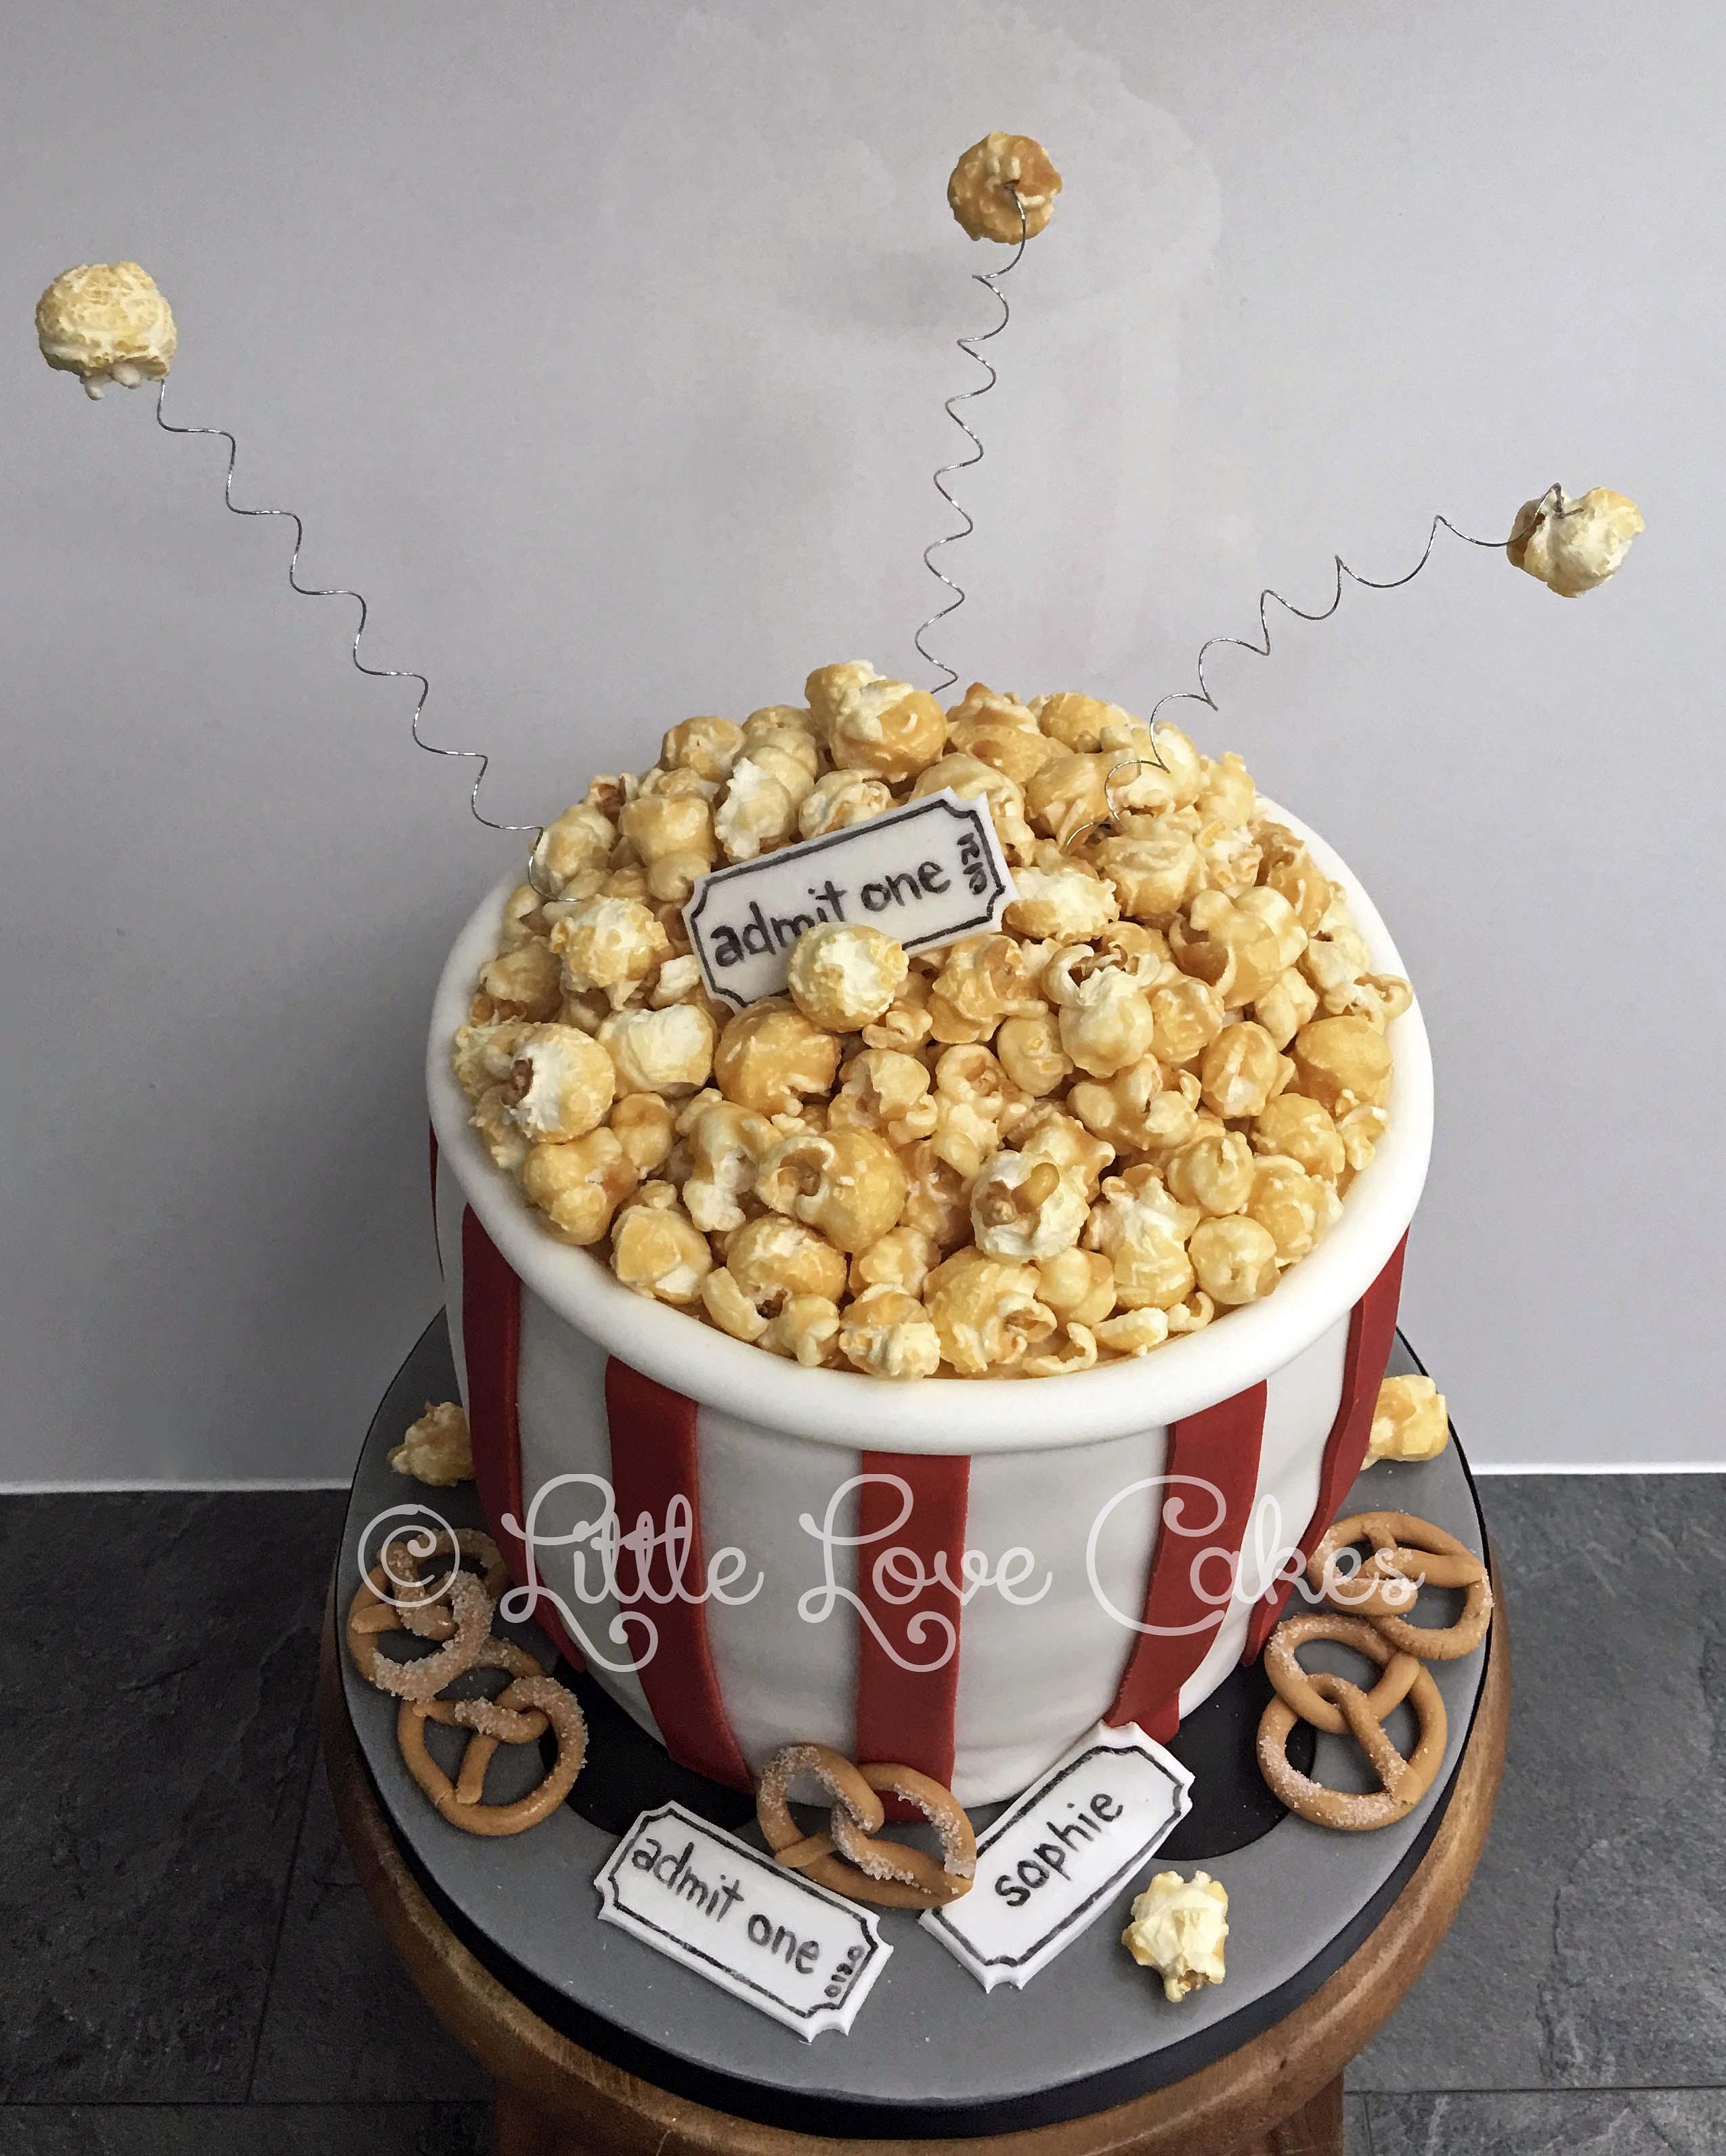 Popcorn movie night cake